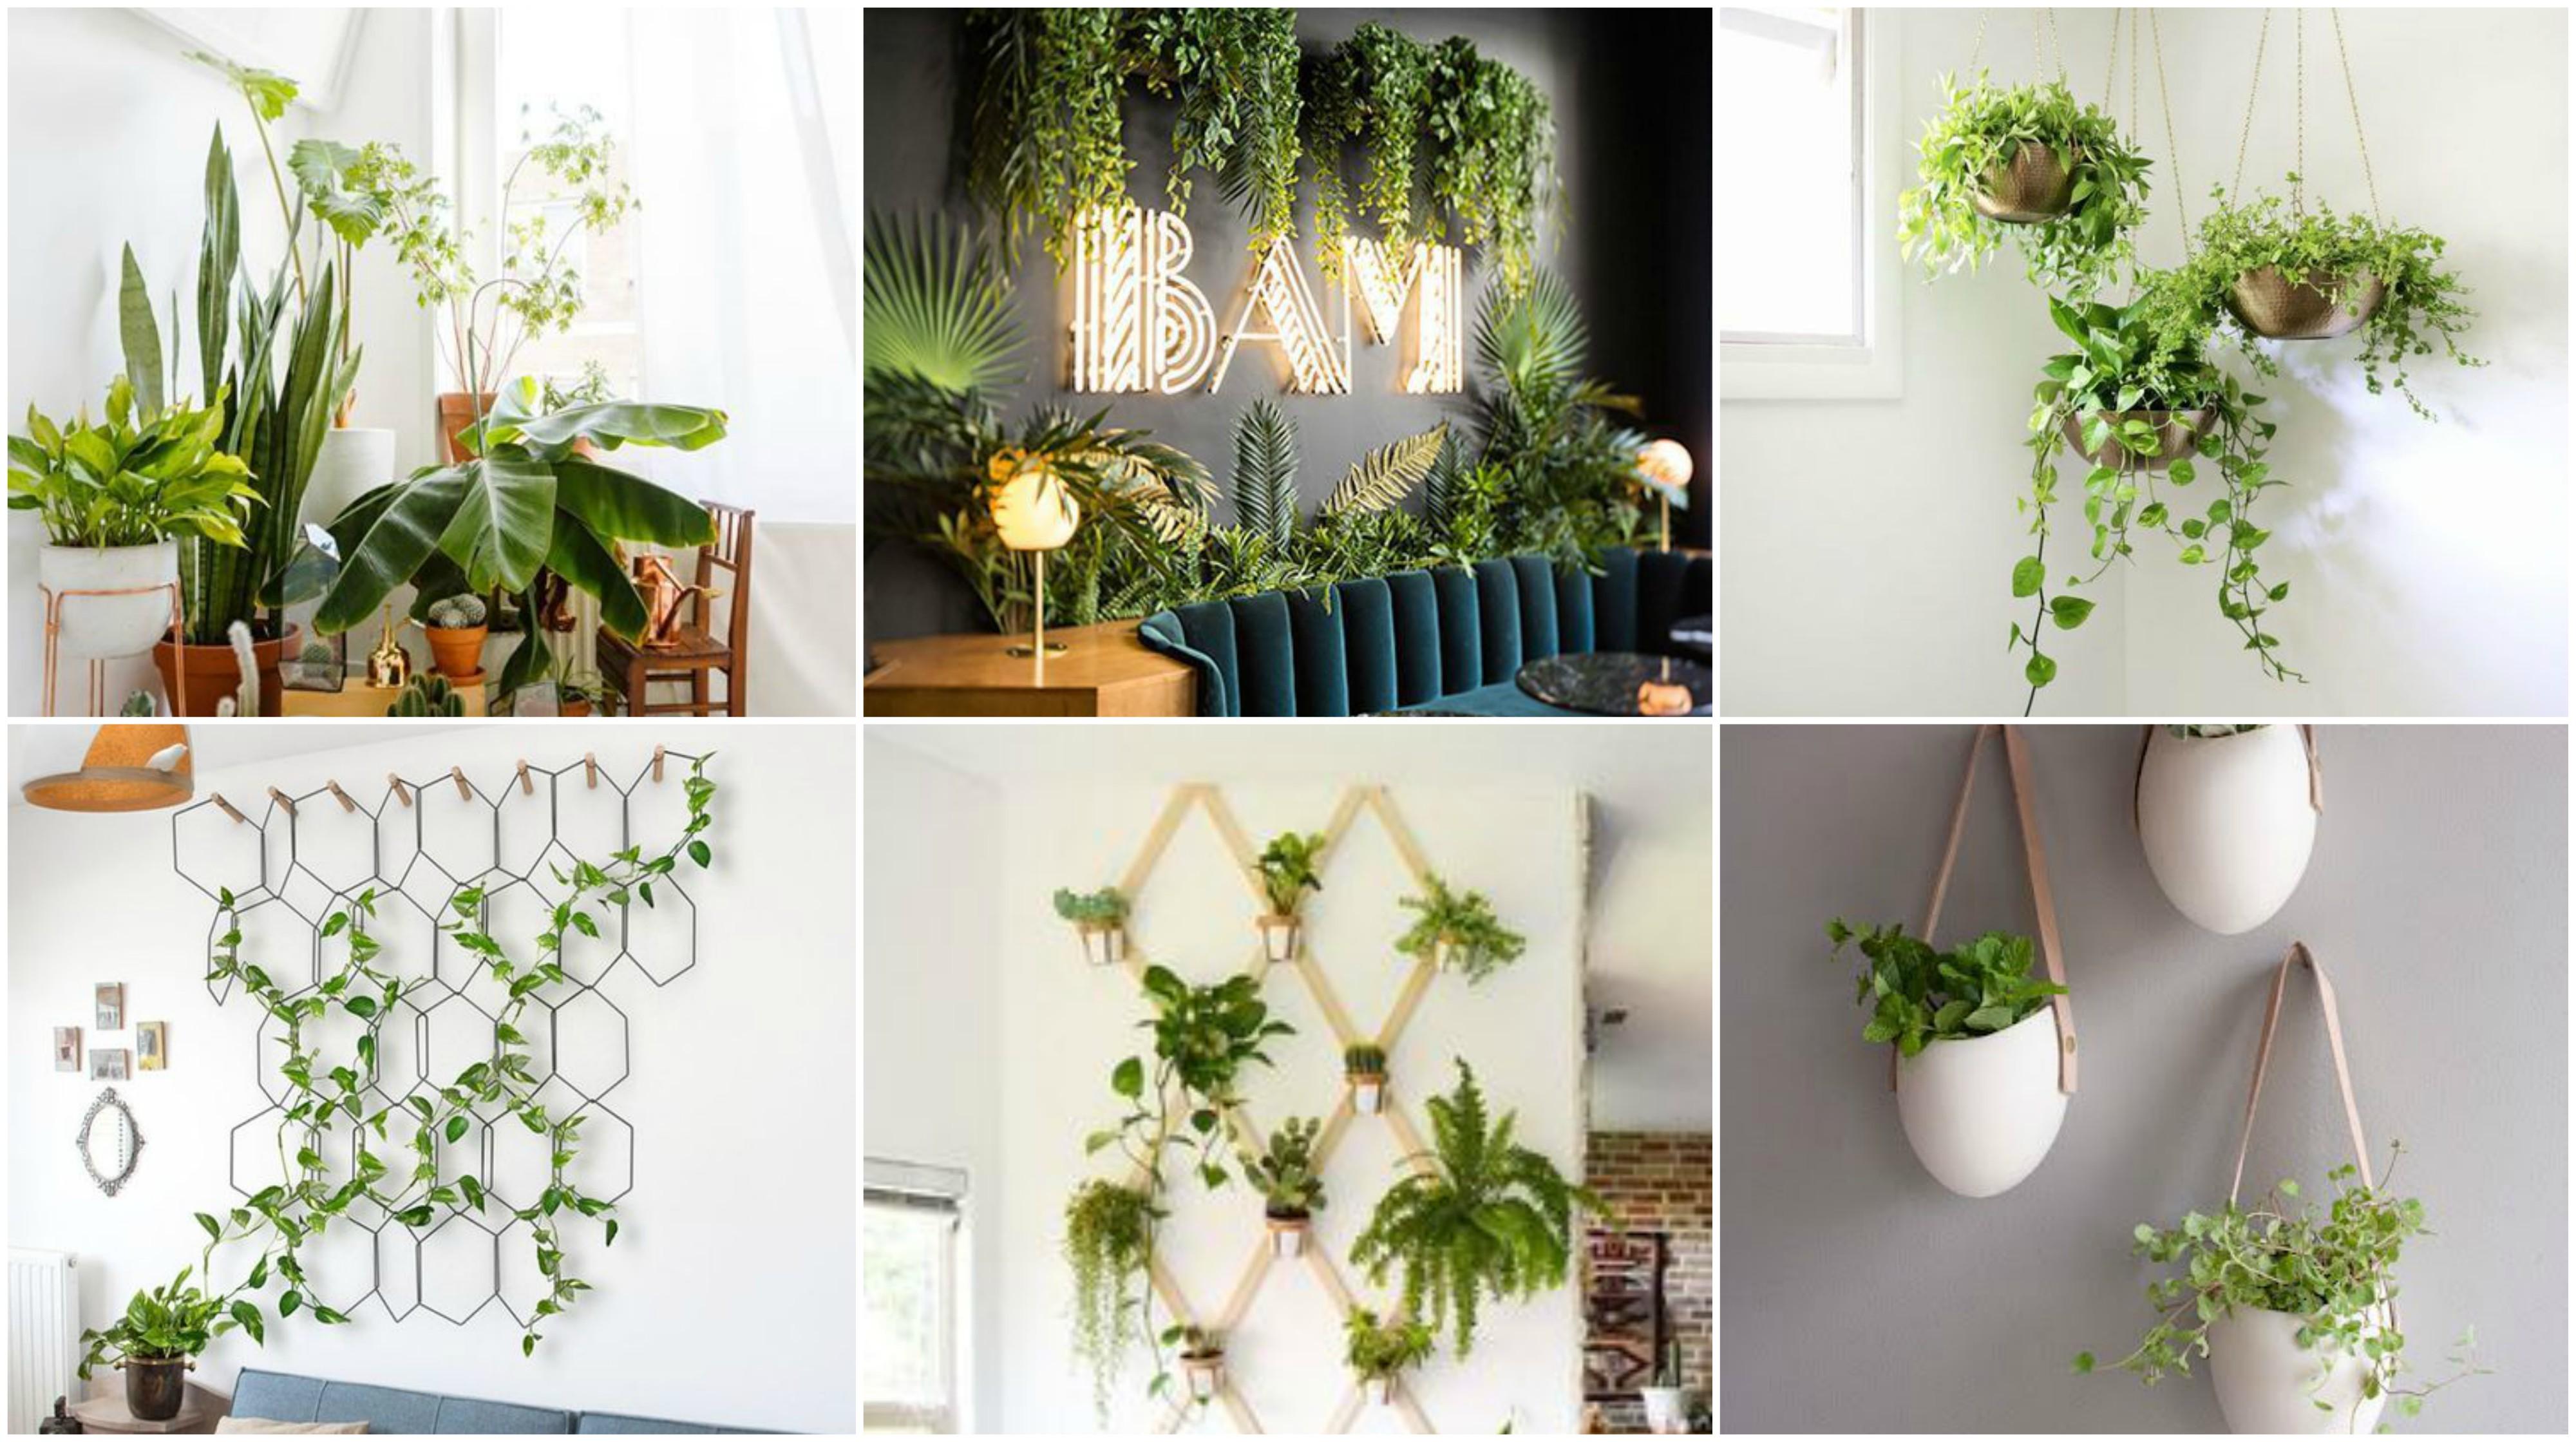 Natur ins haus bringen 20 ideen f r zimmerpflanzen for Zimmerpflanzen ideen